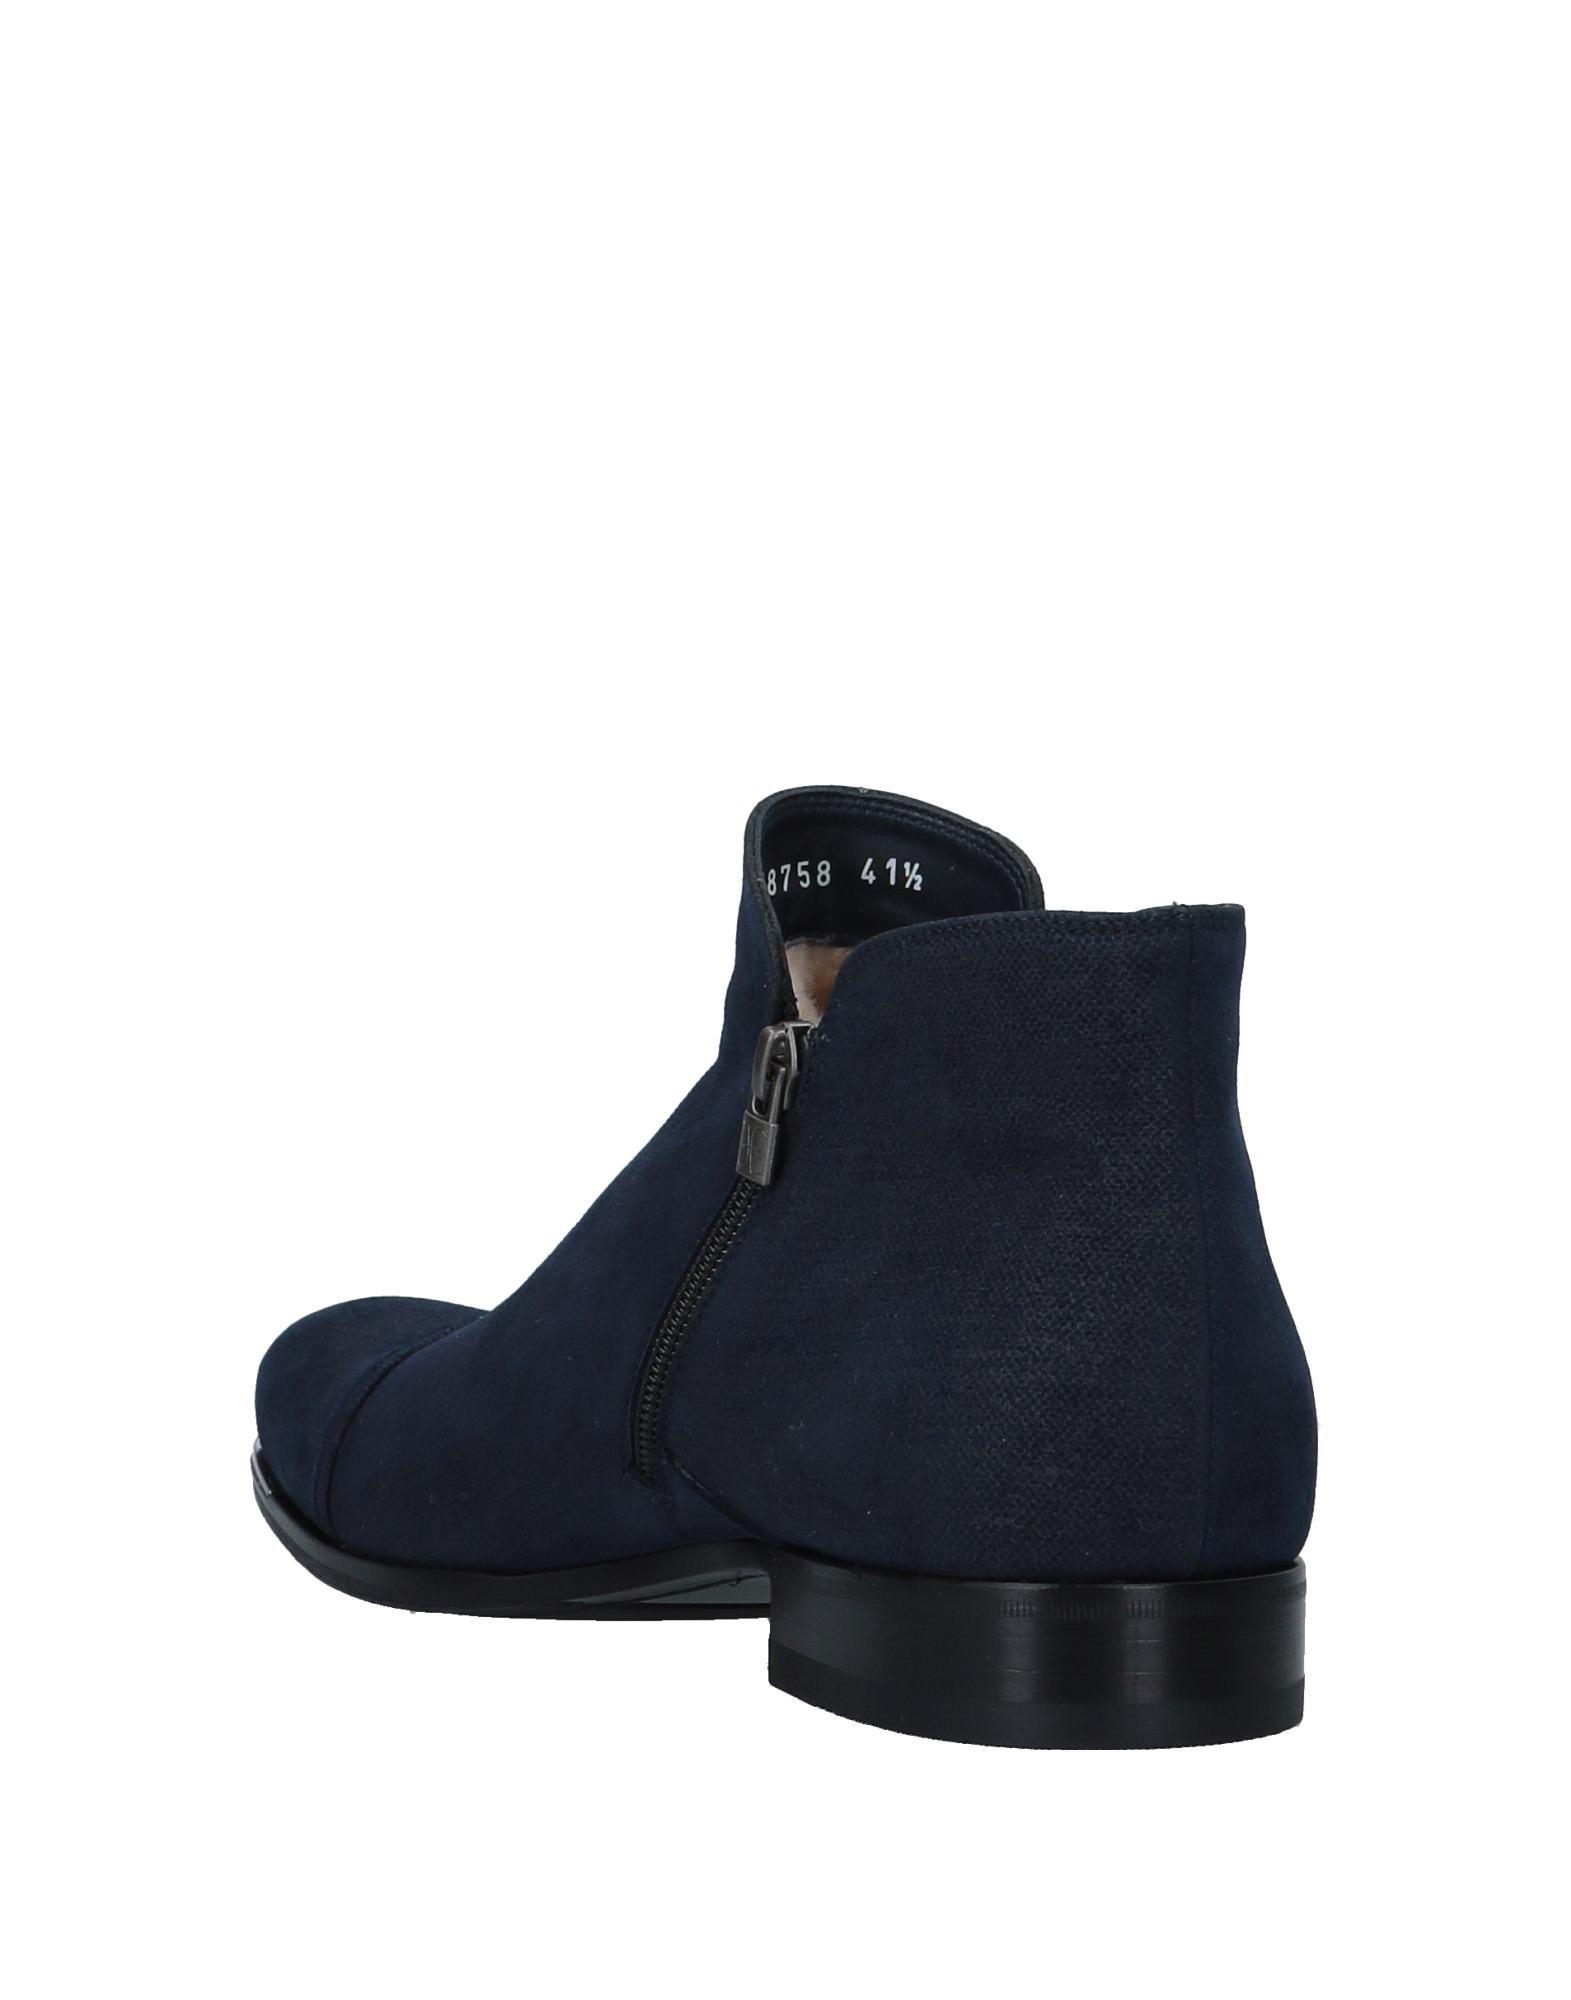 Fabi 11537813BV Stiefelette Herren  11537813BV Fabi Gute Qualität beliebte Schuhe d212fb